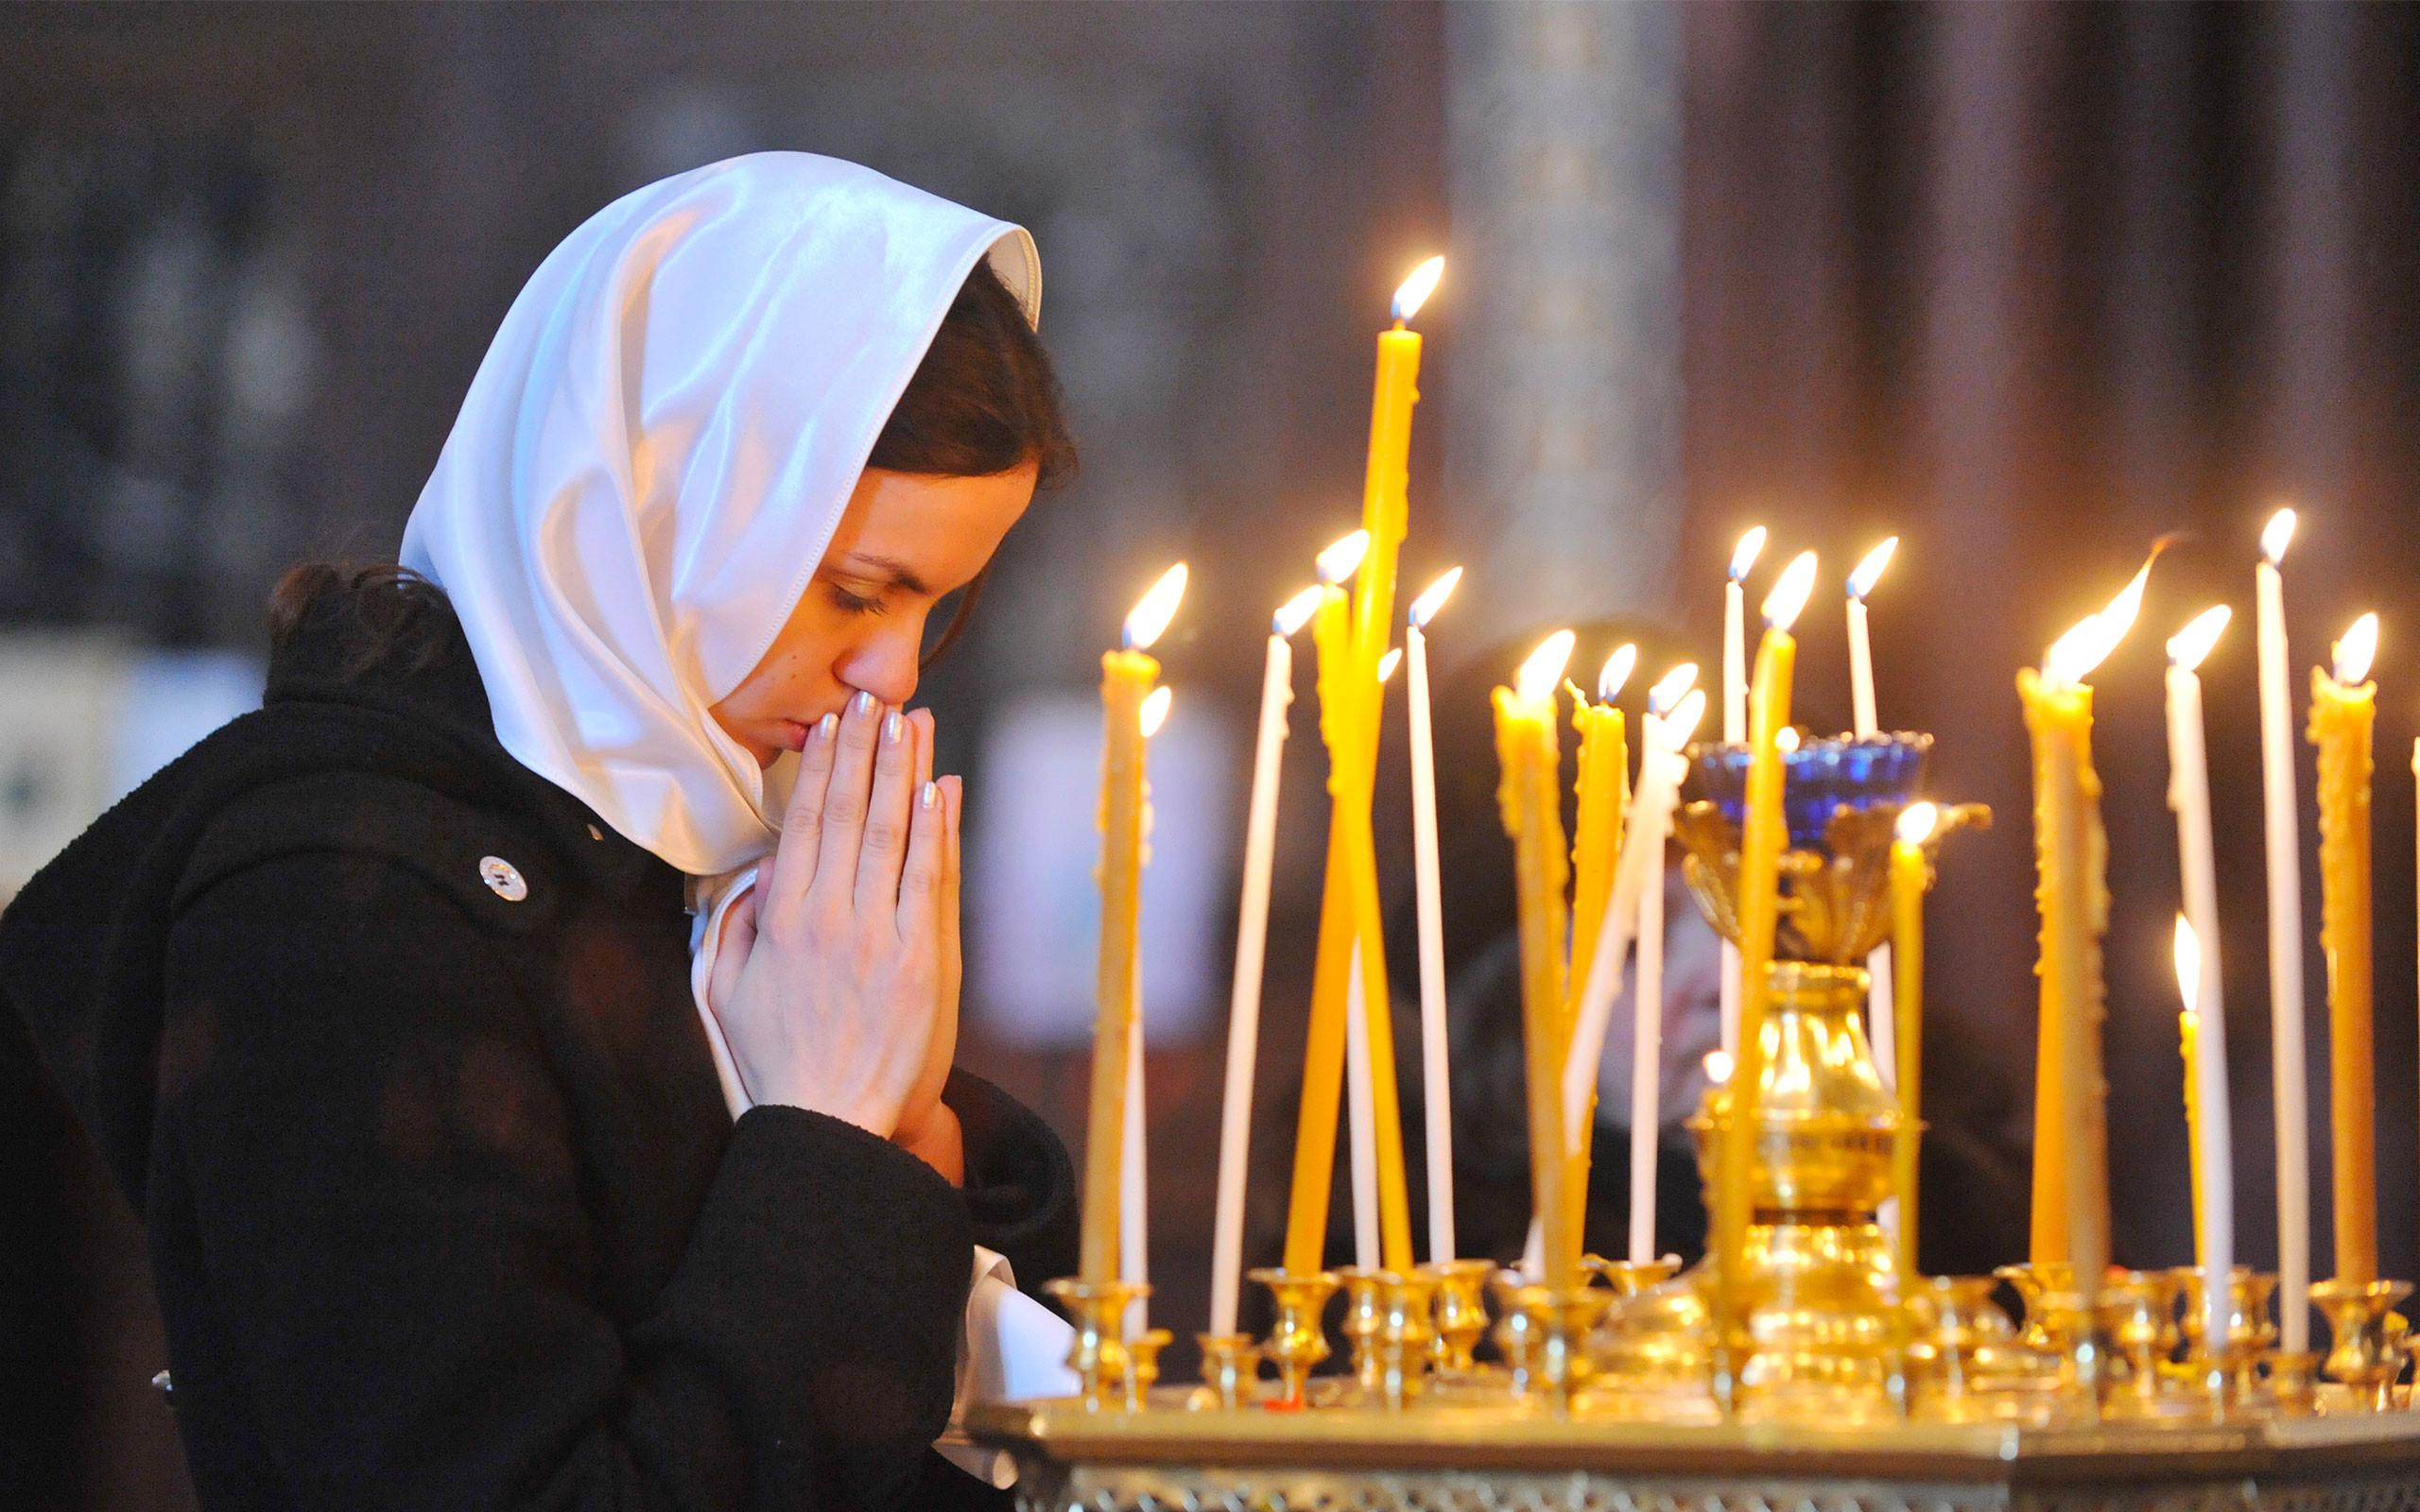 простой картинки как человек молиться или